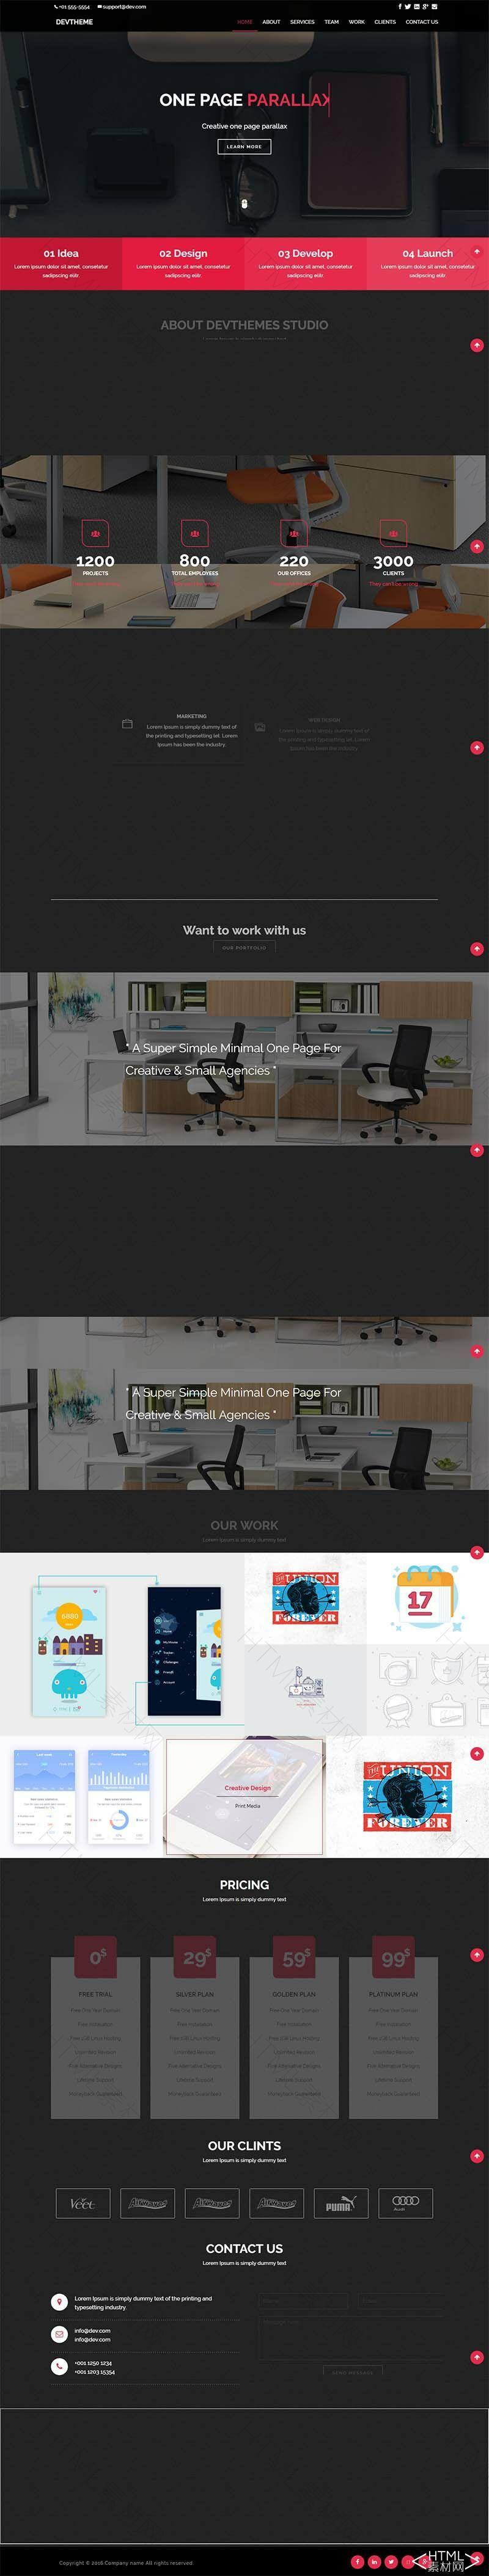 黑色大气商务办公网站静态页面首页模板.jpg